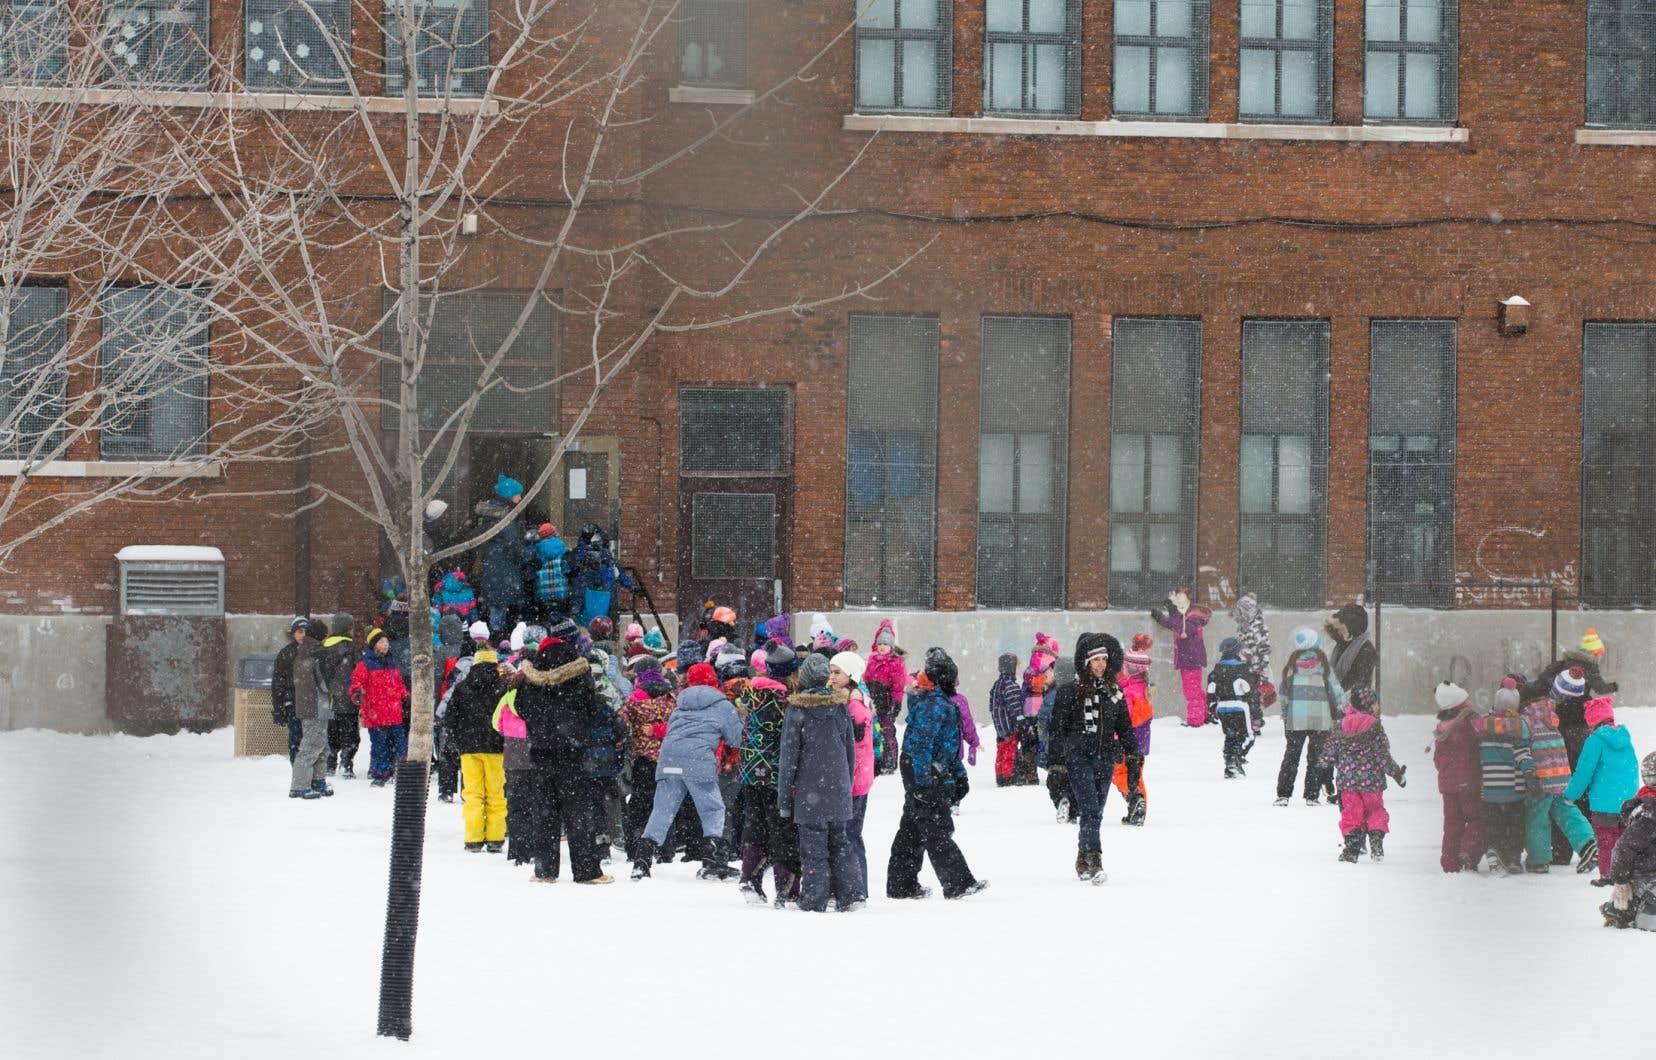 Des écoles s'étaient plaintes de ne pas avoir assez d'espace à l'extérieur pour laisser sortir tous les enfants en même temps.